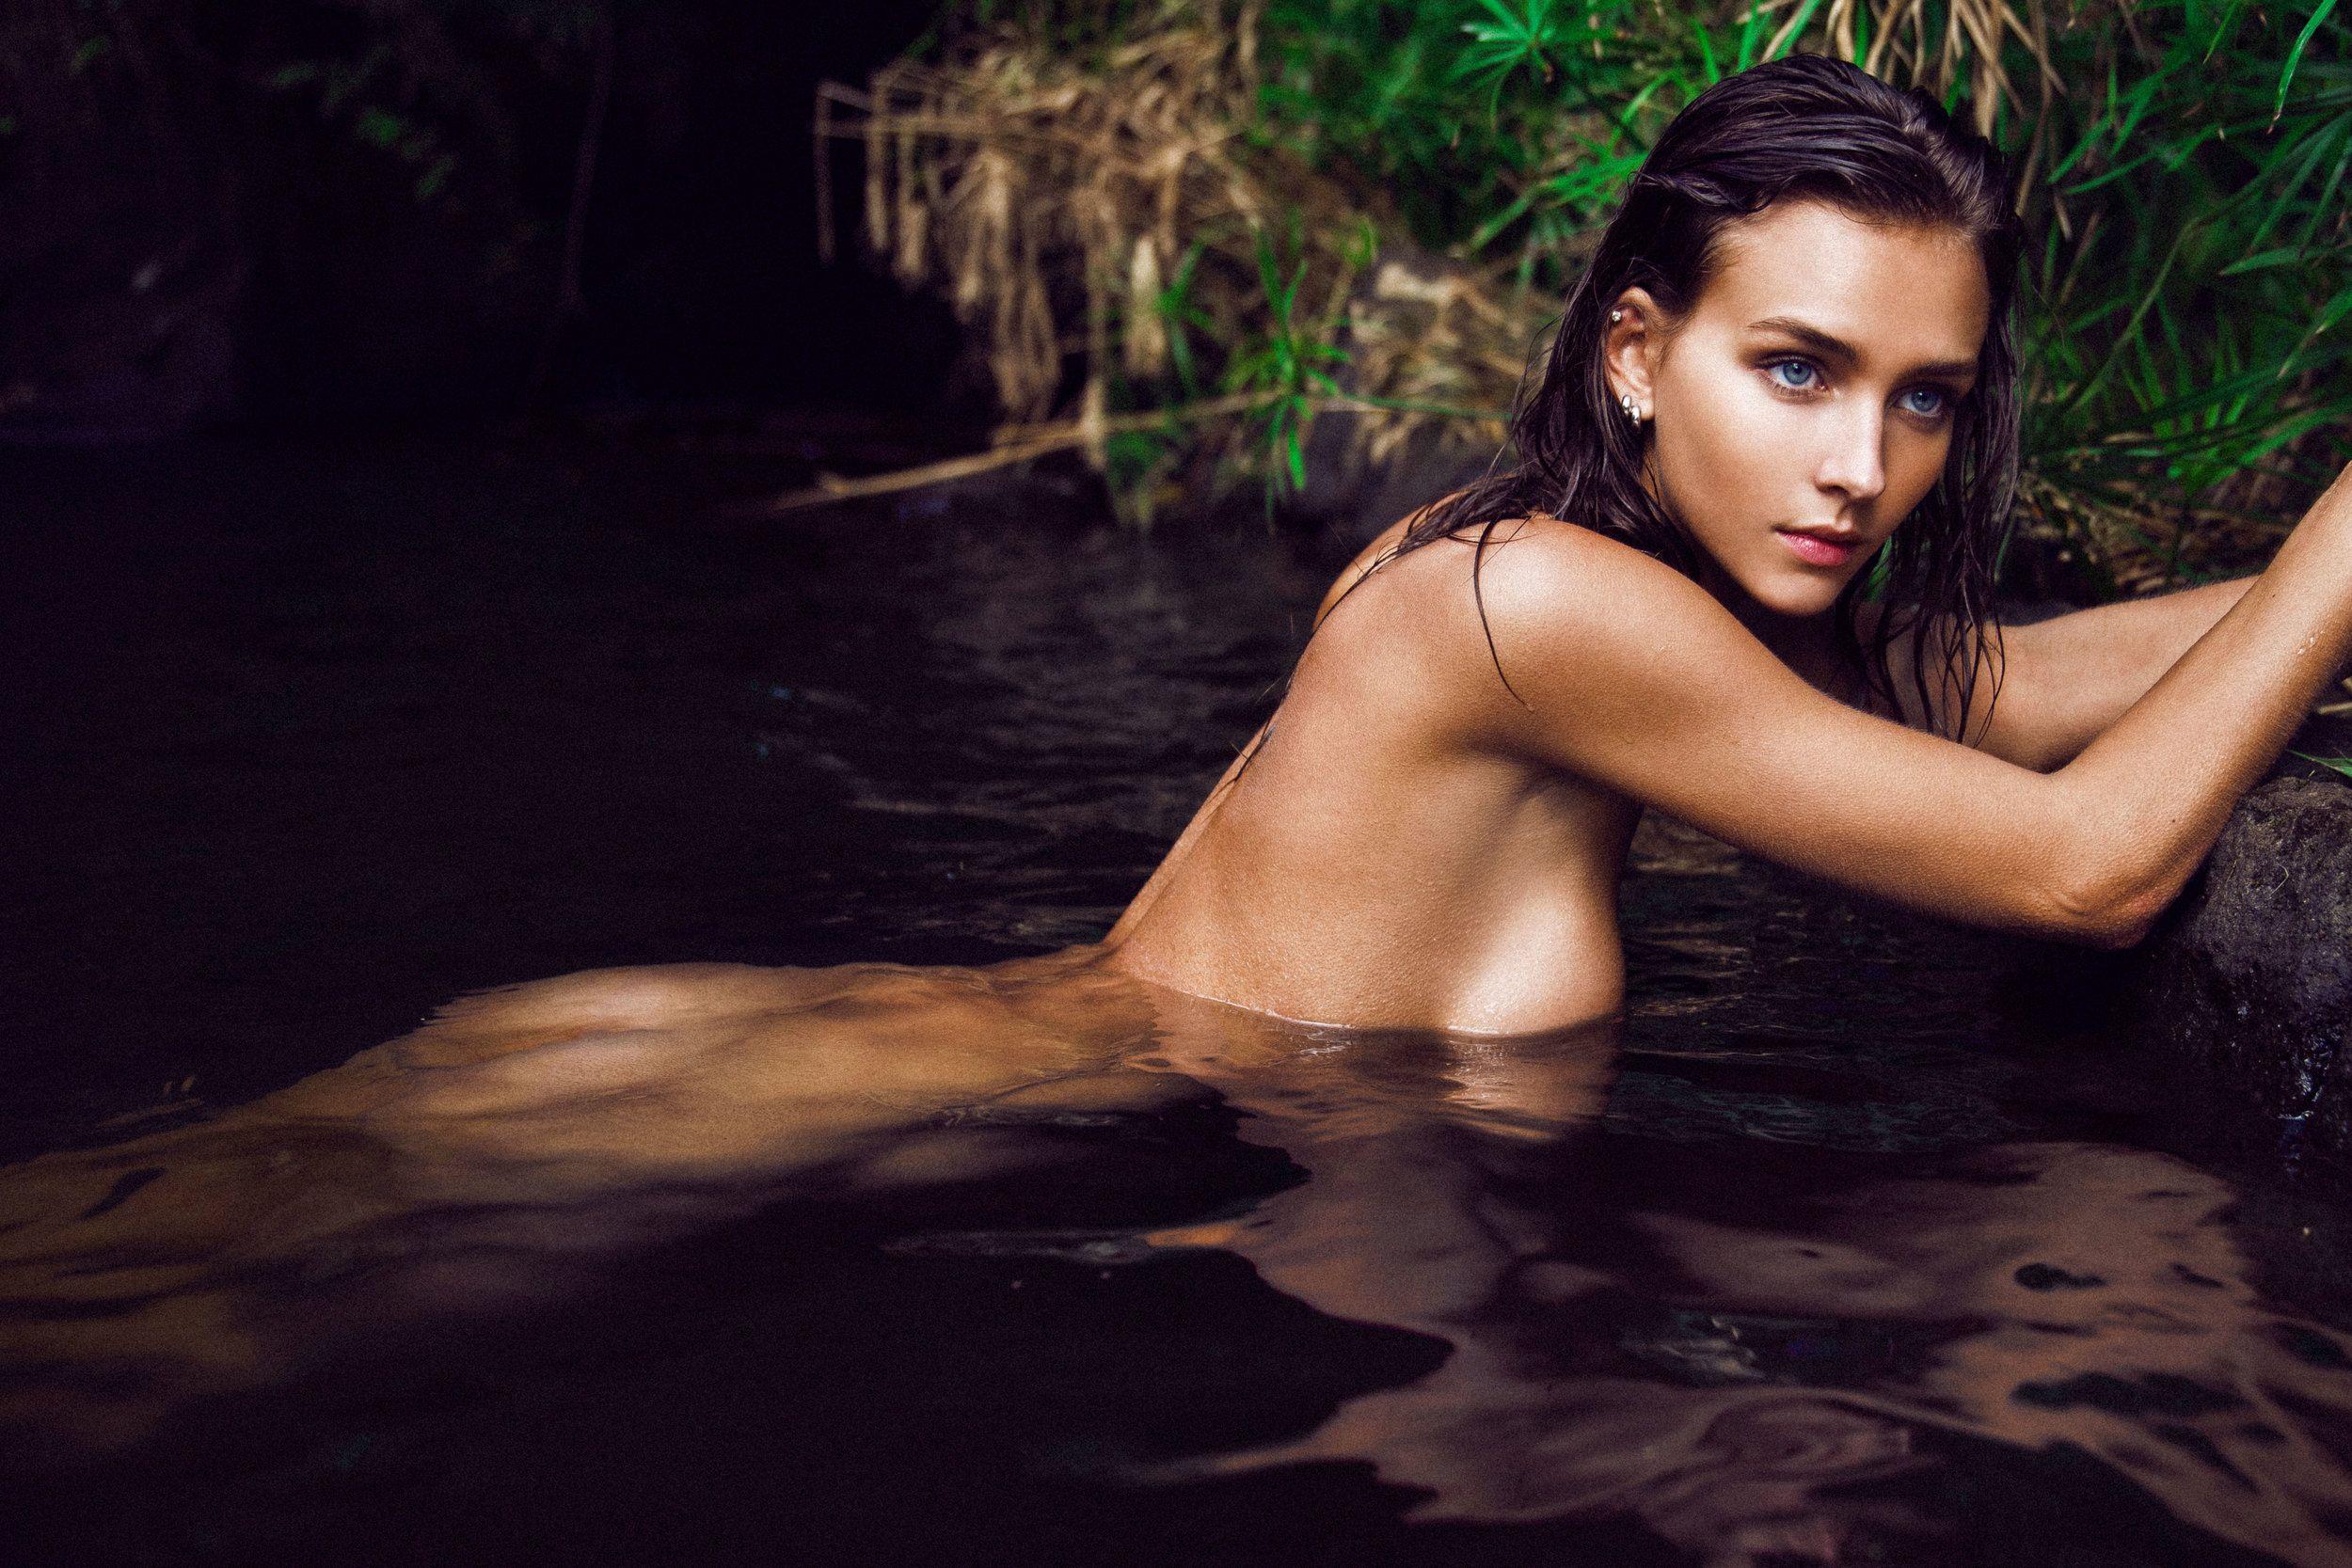 Фото оголенных модели, Голые модели - ню фото голых моделей 16 фотография